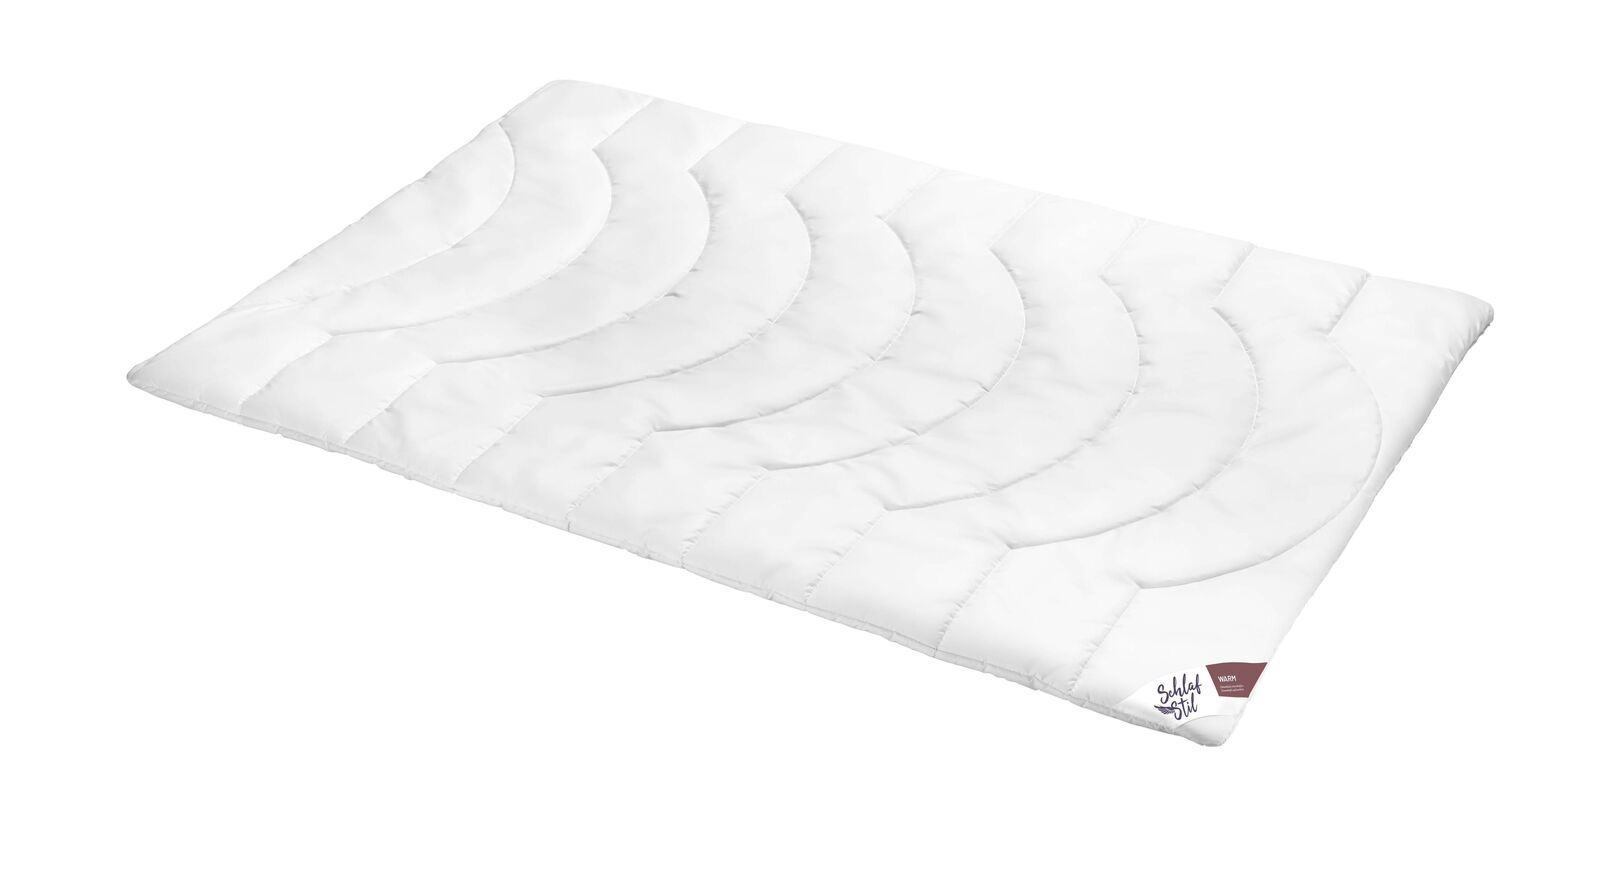 SCHLAFSTIL Markenfaser Bettdecke F200 warm für kühle Nächte